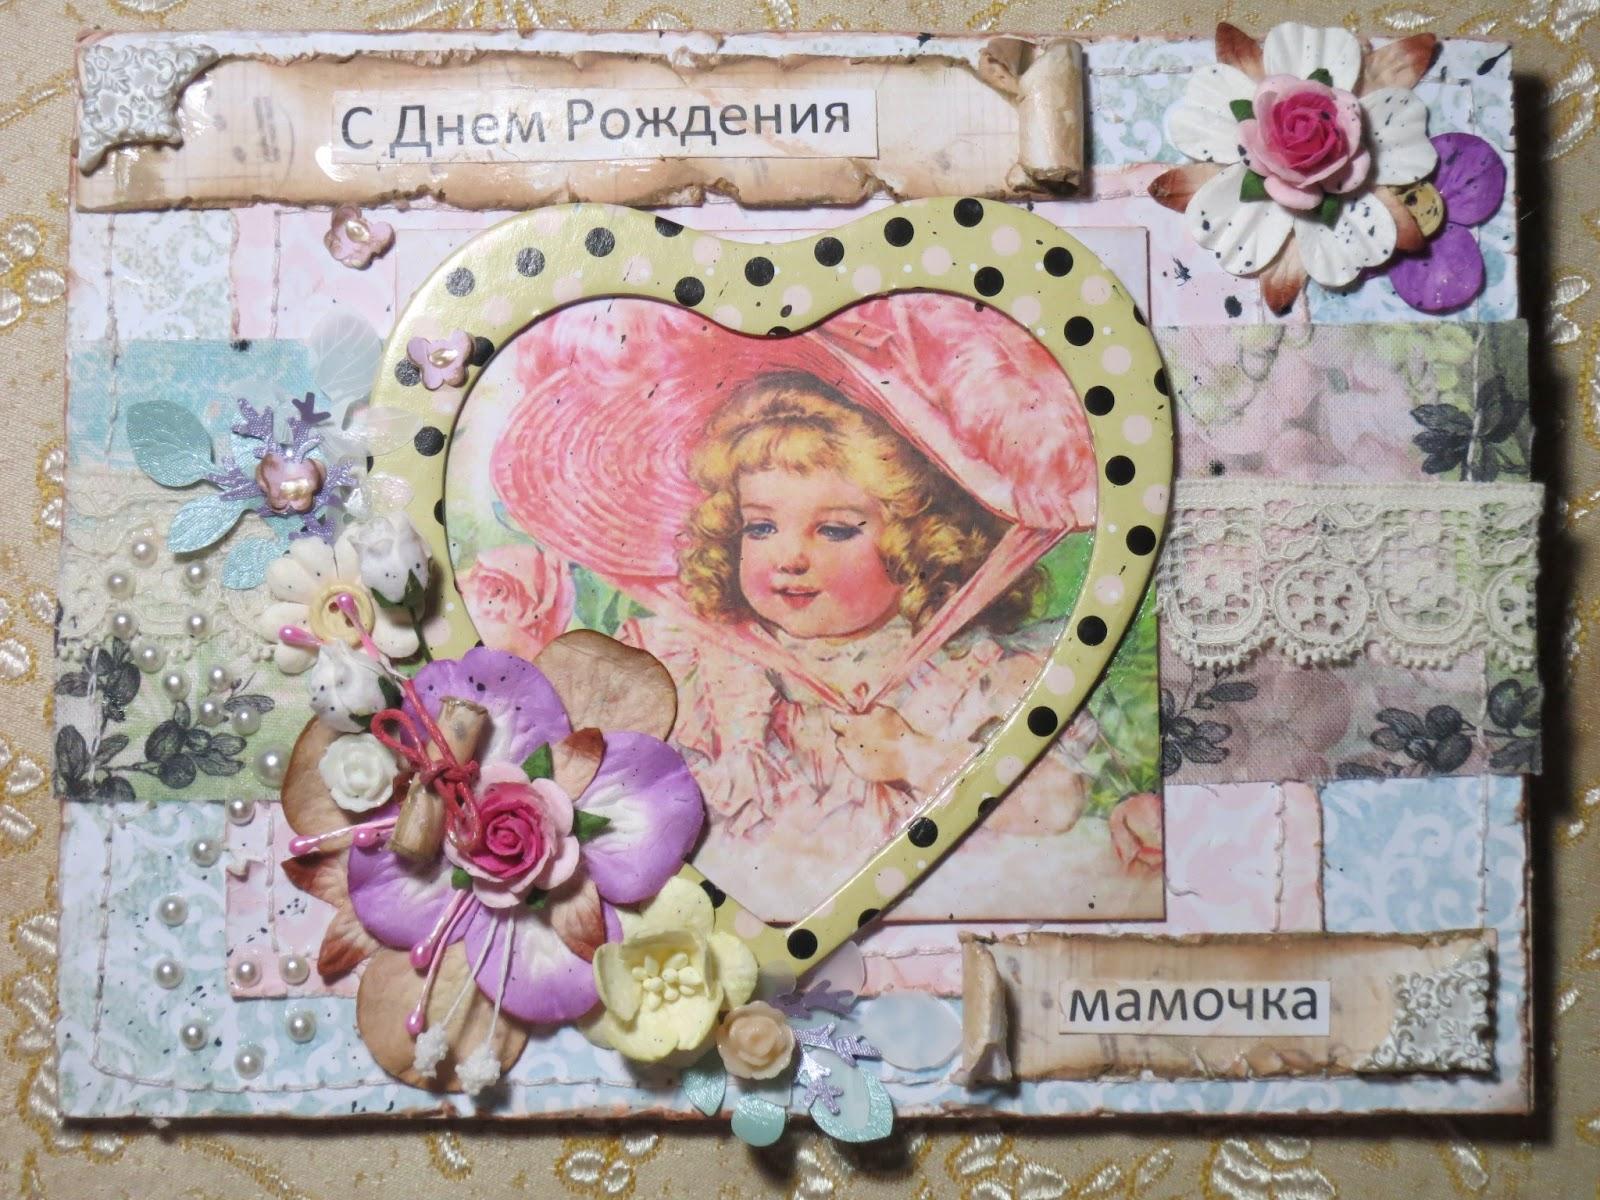 Поздравления и красивые открытки с днем рождения маме от 16